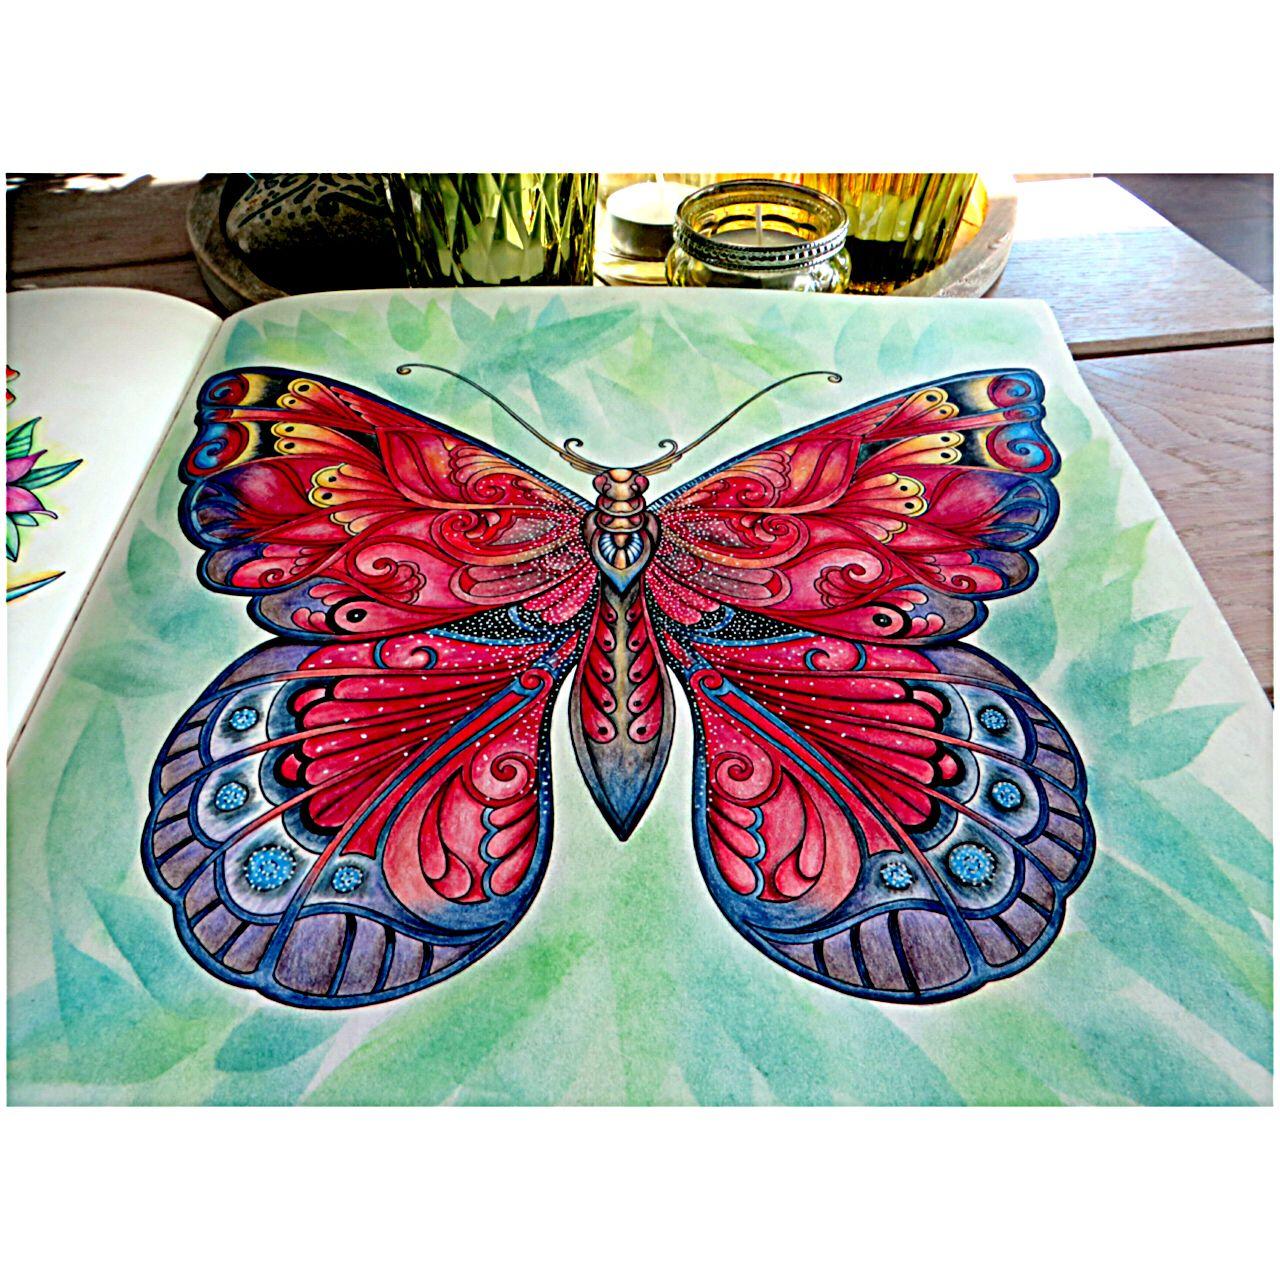 Big Butterfly Magical Jungle Johanna Basford